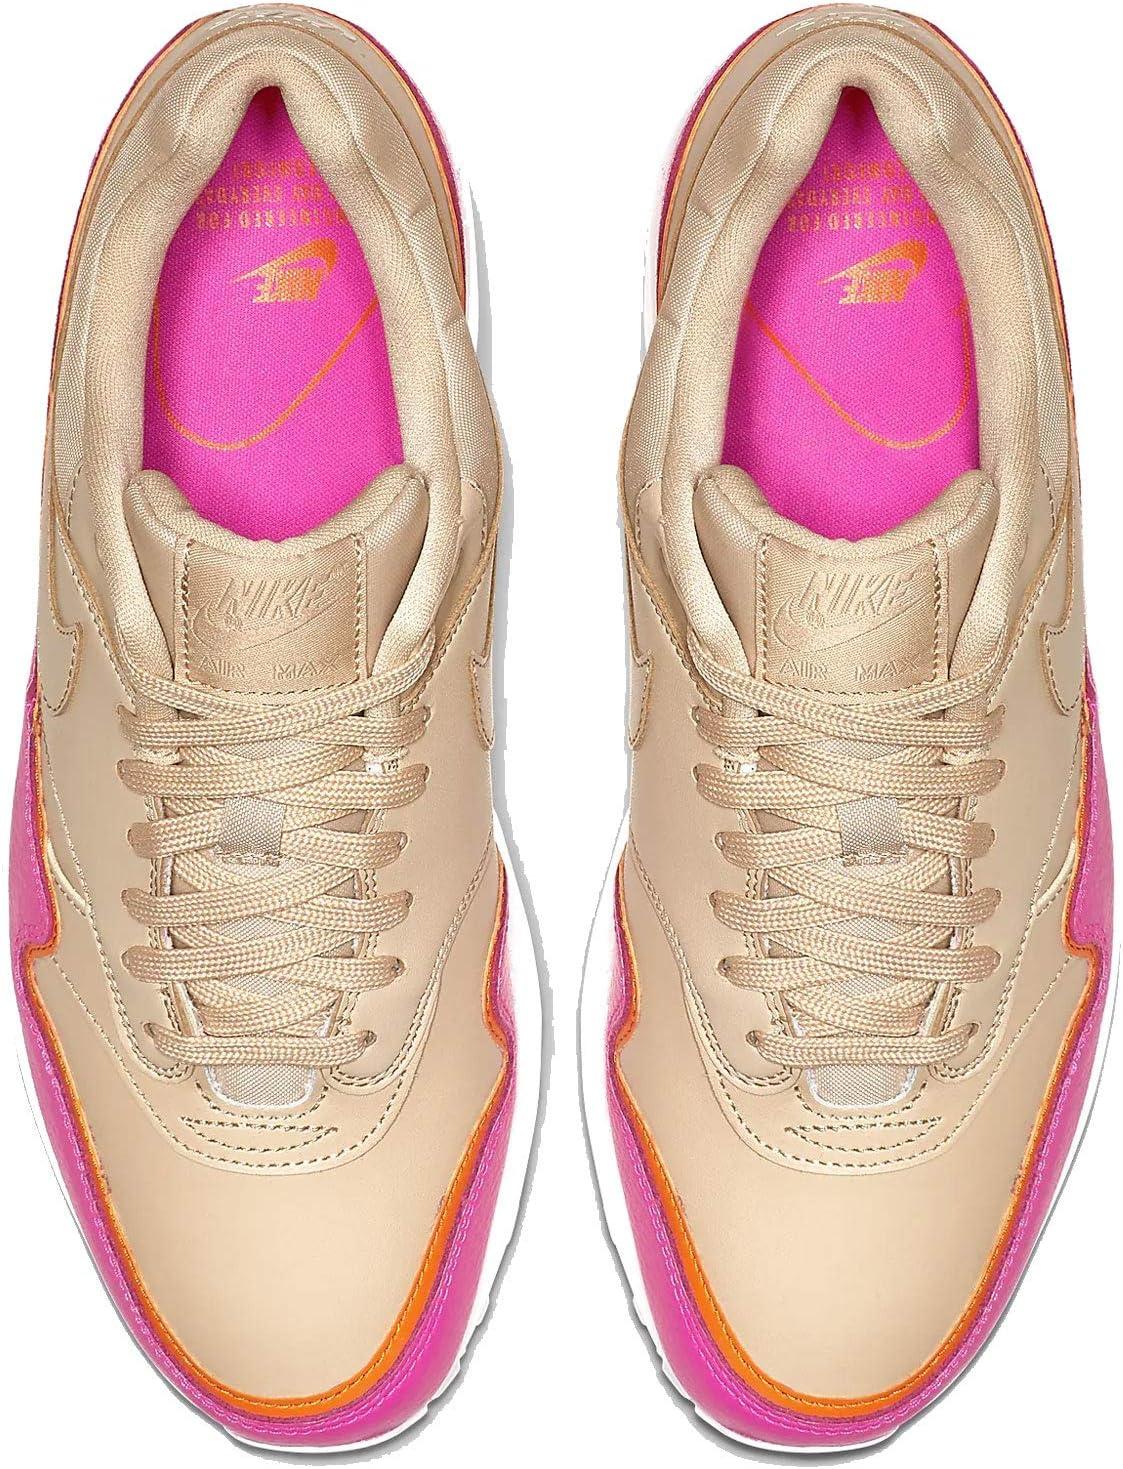 Nike Dames WMNS Air Max 1 Se Track & Field Schoenen Veelkleurige woestijn Erts Woestijn Erts Laser Fuchsia 000